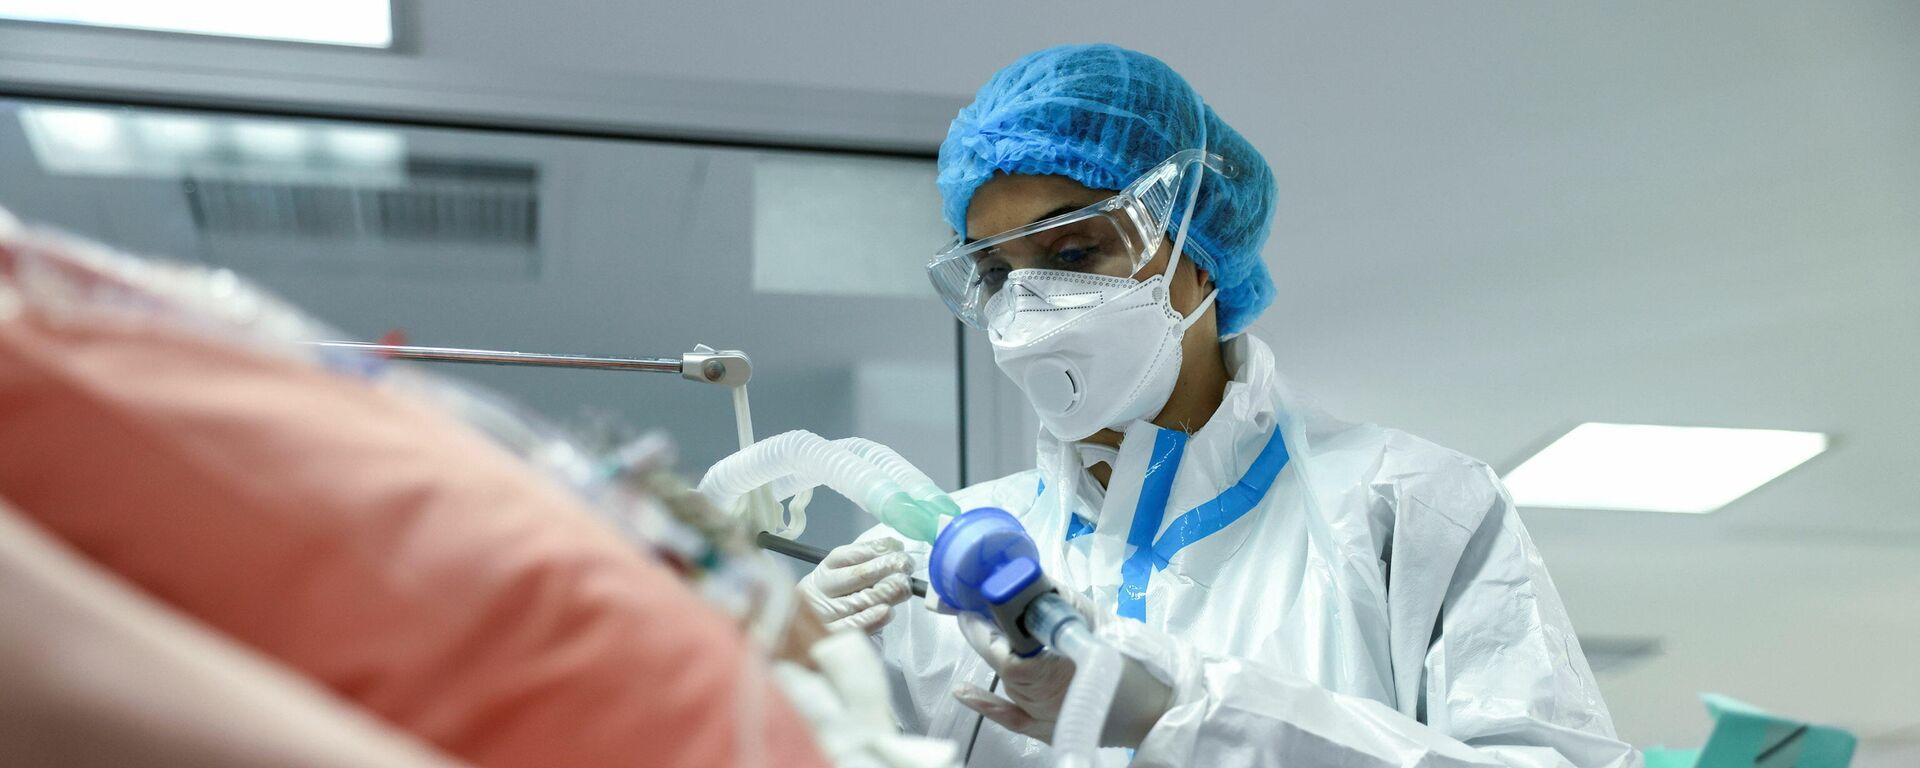 Медсестра в отделении интенсивной терапии в больнице в Афинах, Греция  - Sputnik Mundo, 1920, 06.03.2021